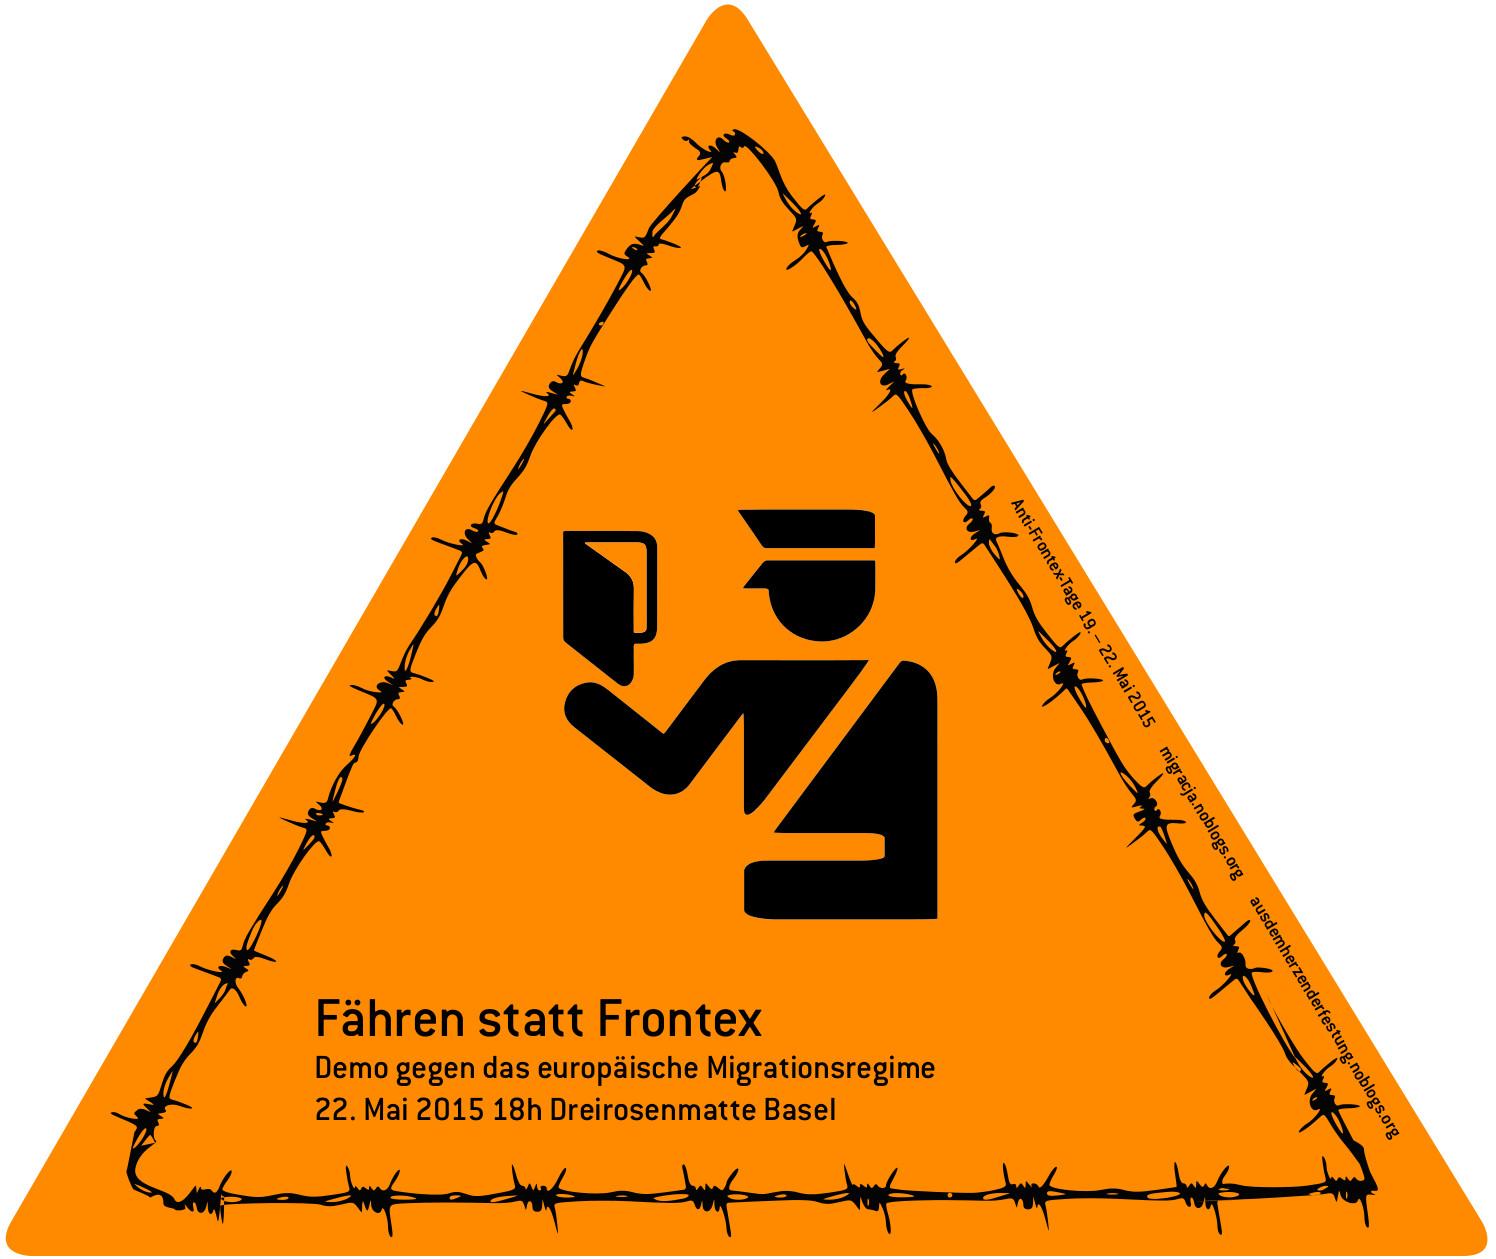 AntiFrontex demo in Basel [Swiss] 22 may | Demonstracja przeciw Frontexowi Bazylea [Szwajcaria] 22 maja